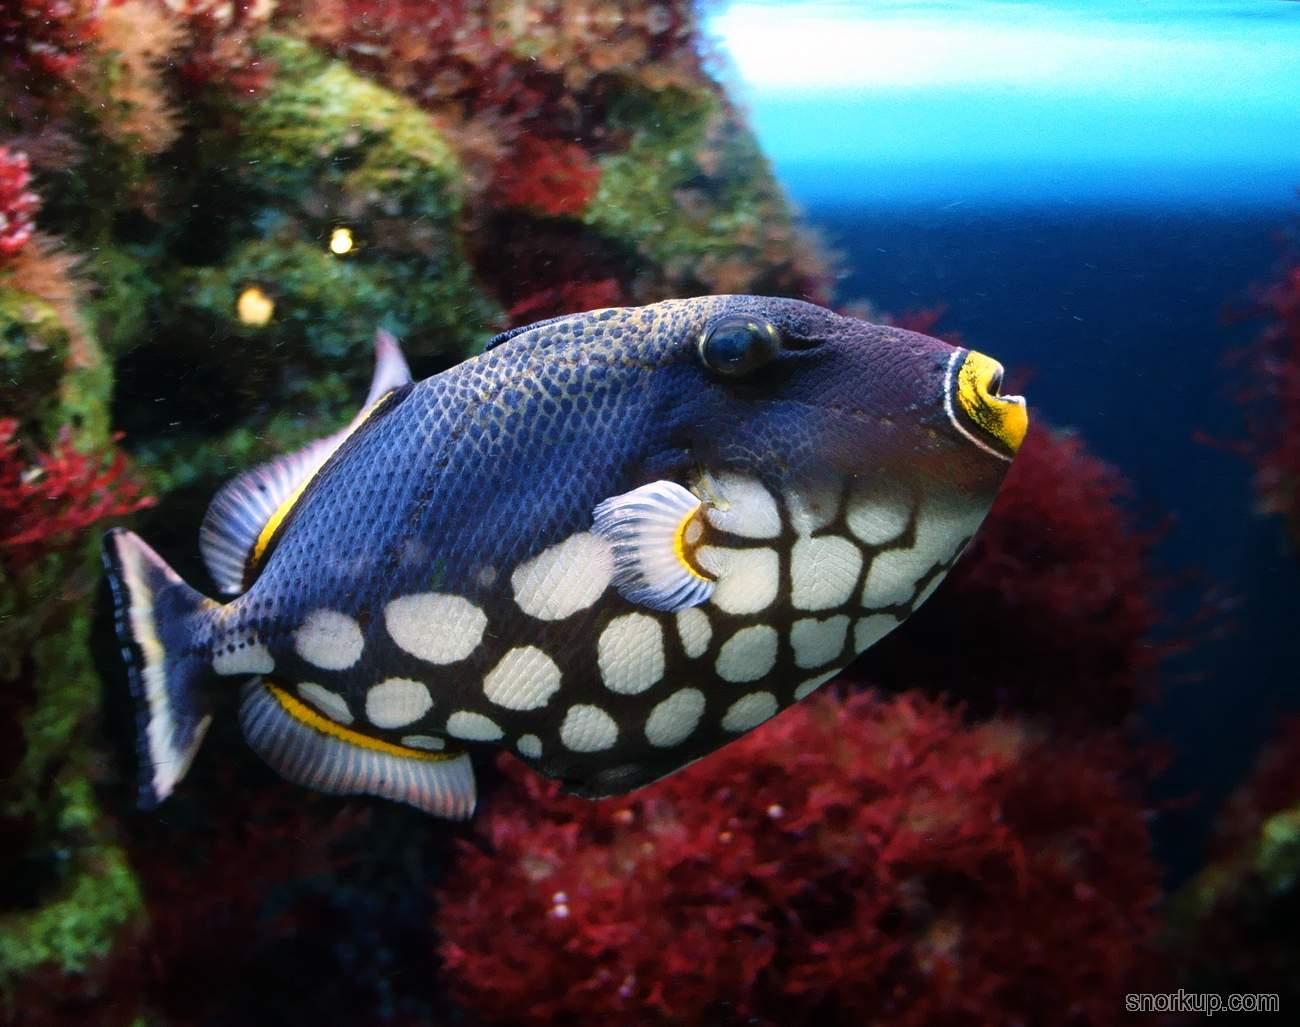 Спинорог крупнопятнистый (клоун) - Balistoides conspicillum - Clown triggerfish